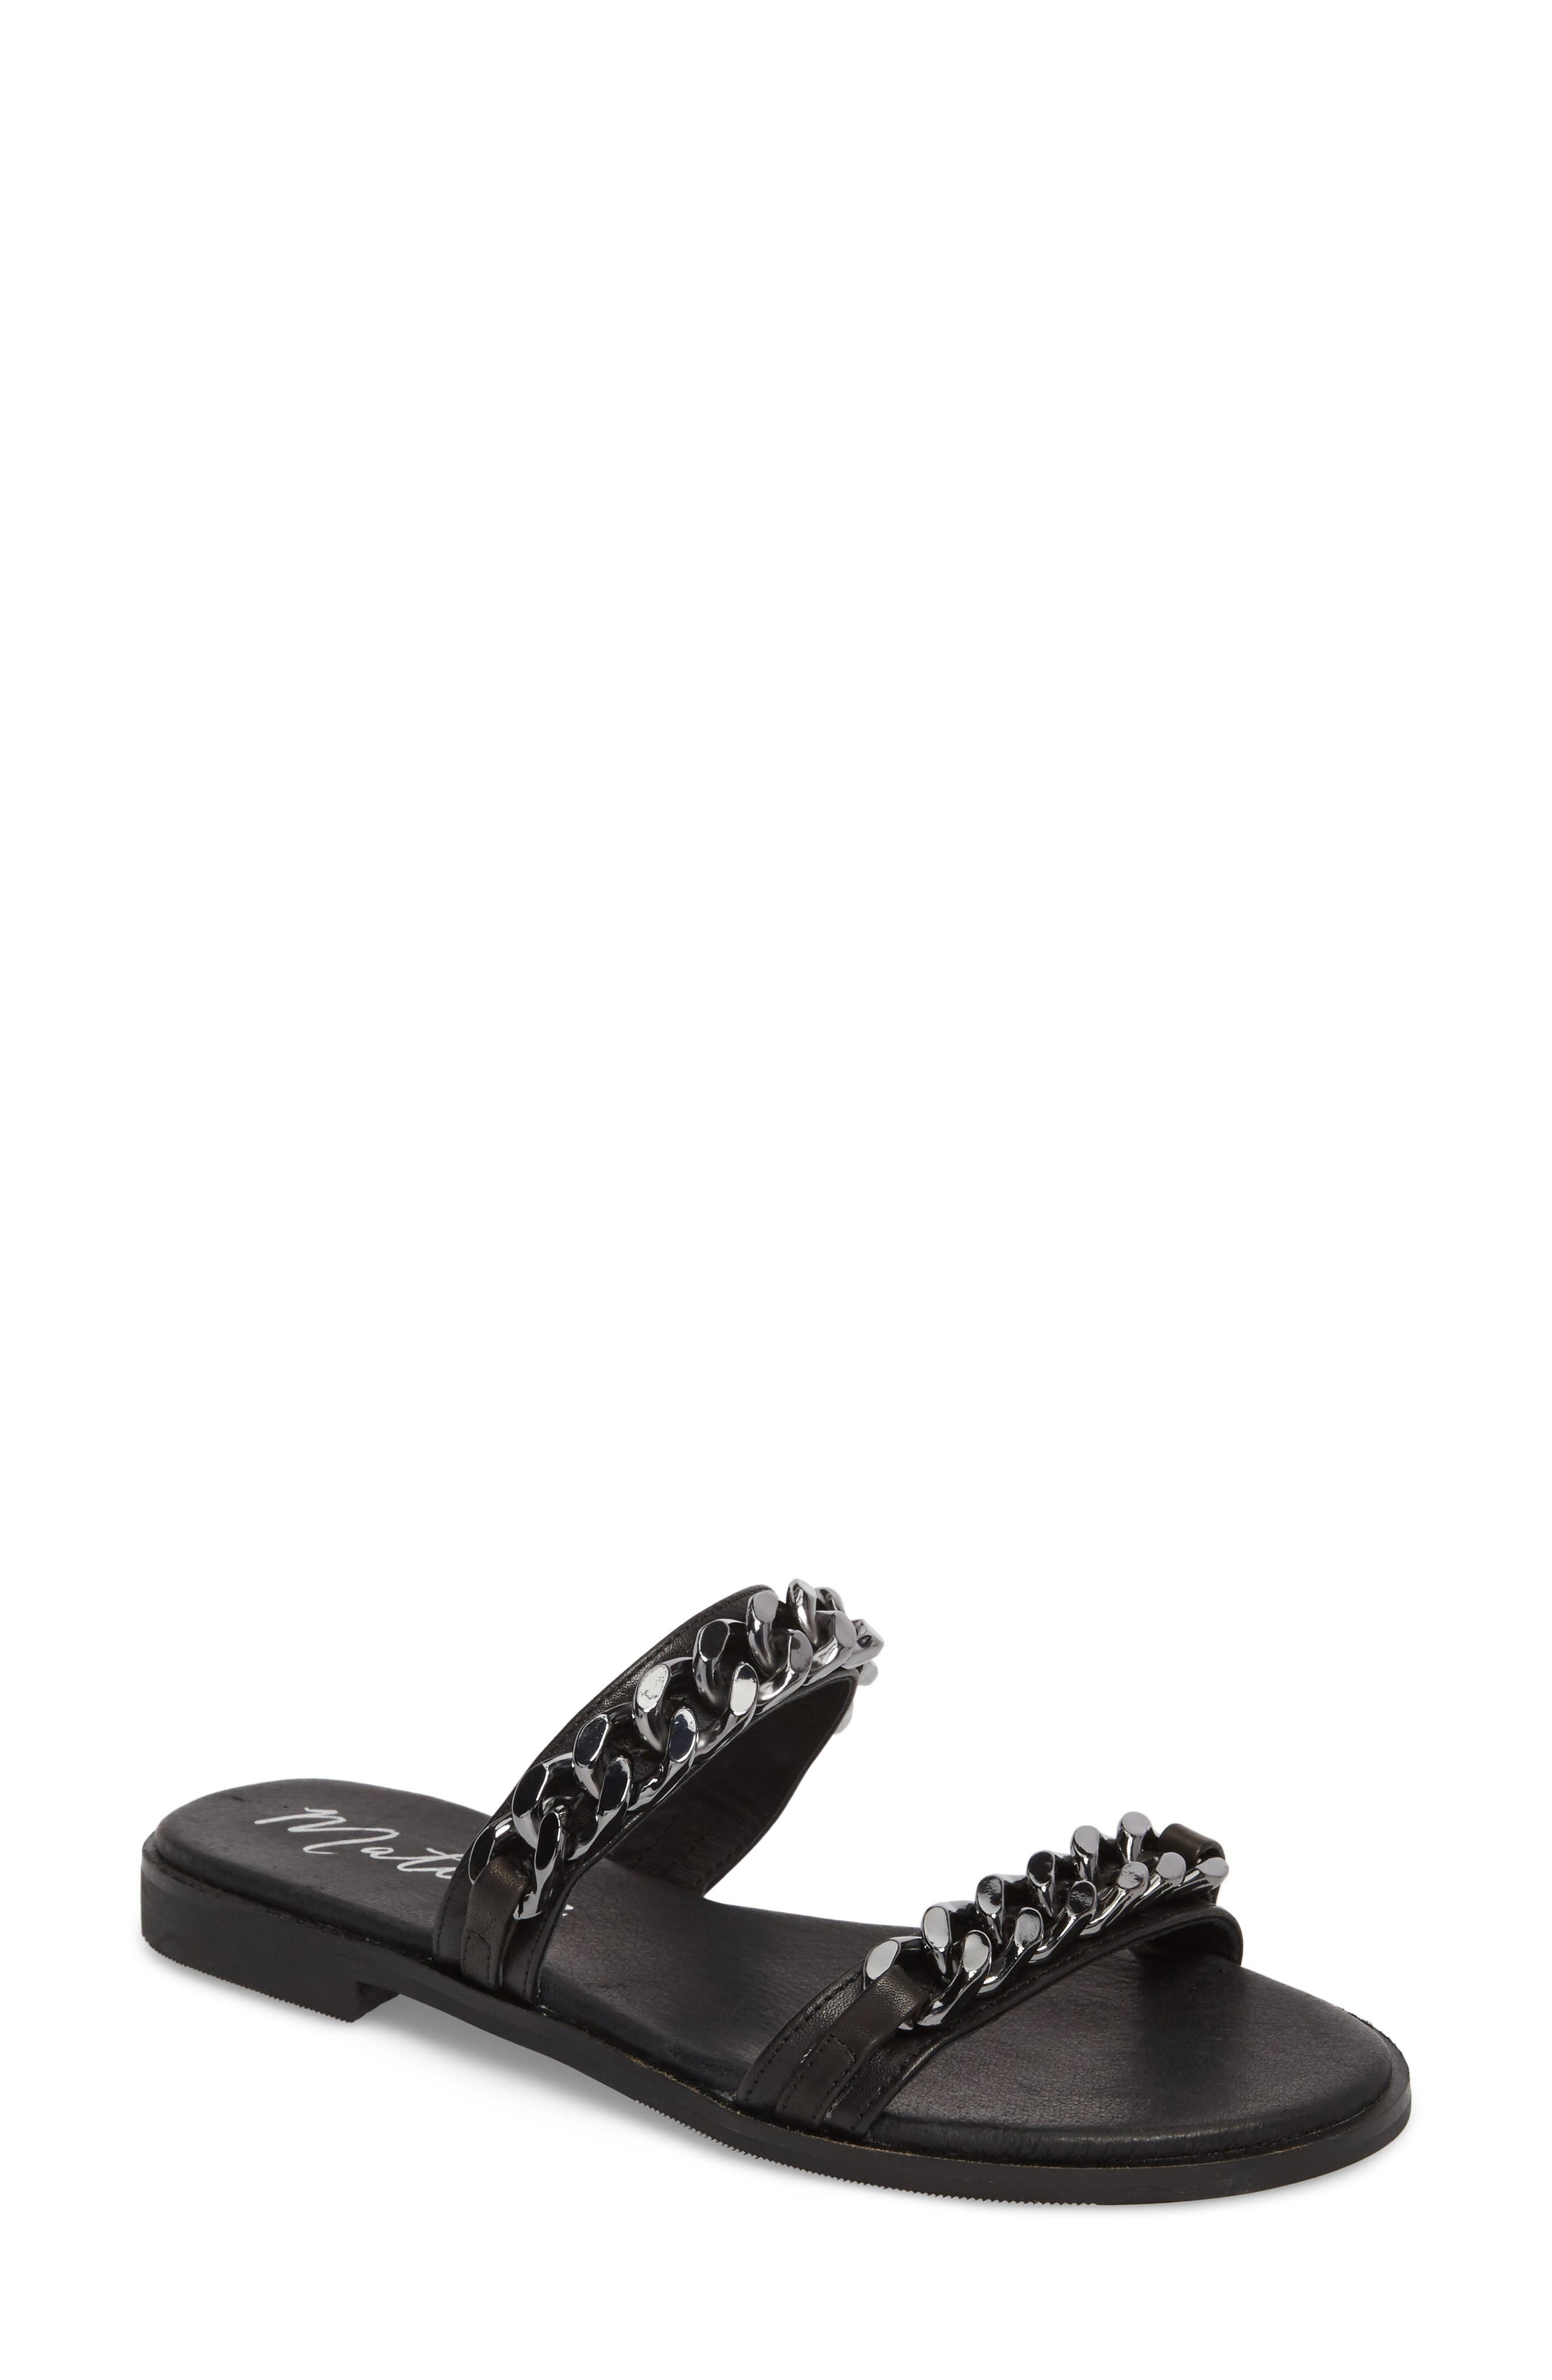 Reagon Sandal,                             Main thumbnail 1, color,                             Black Leather